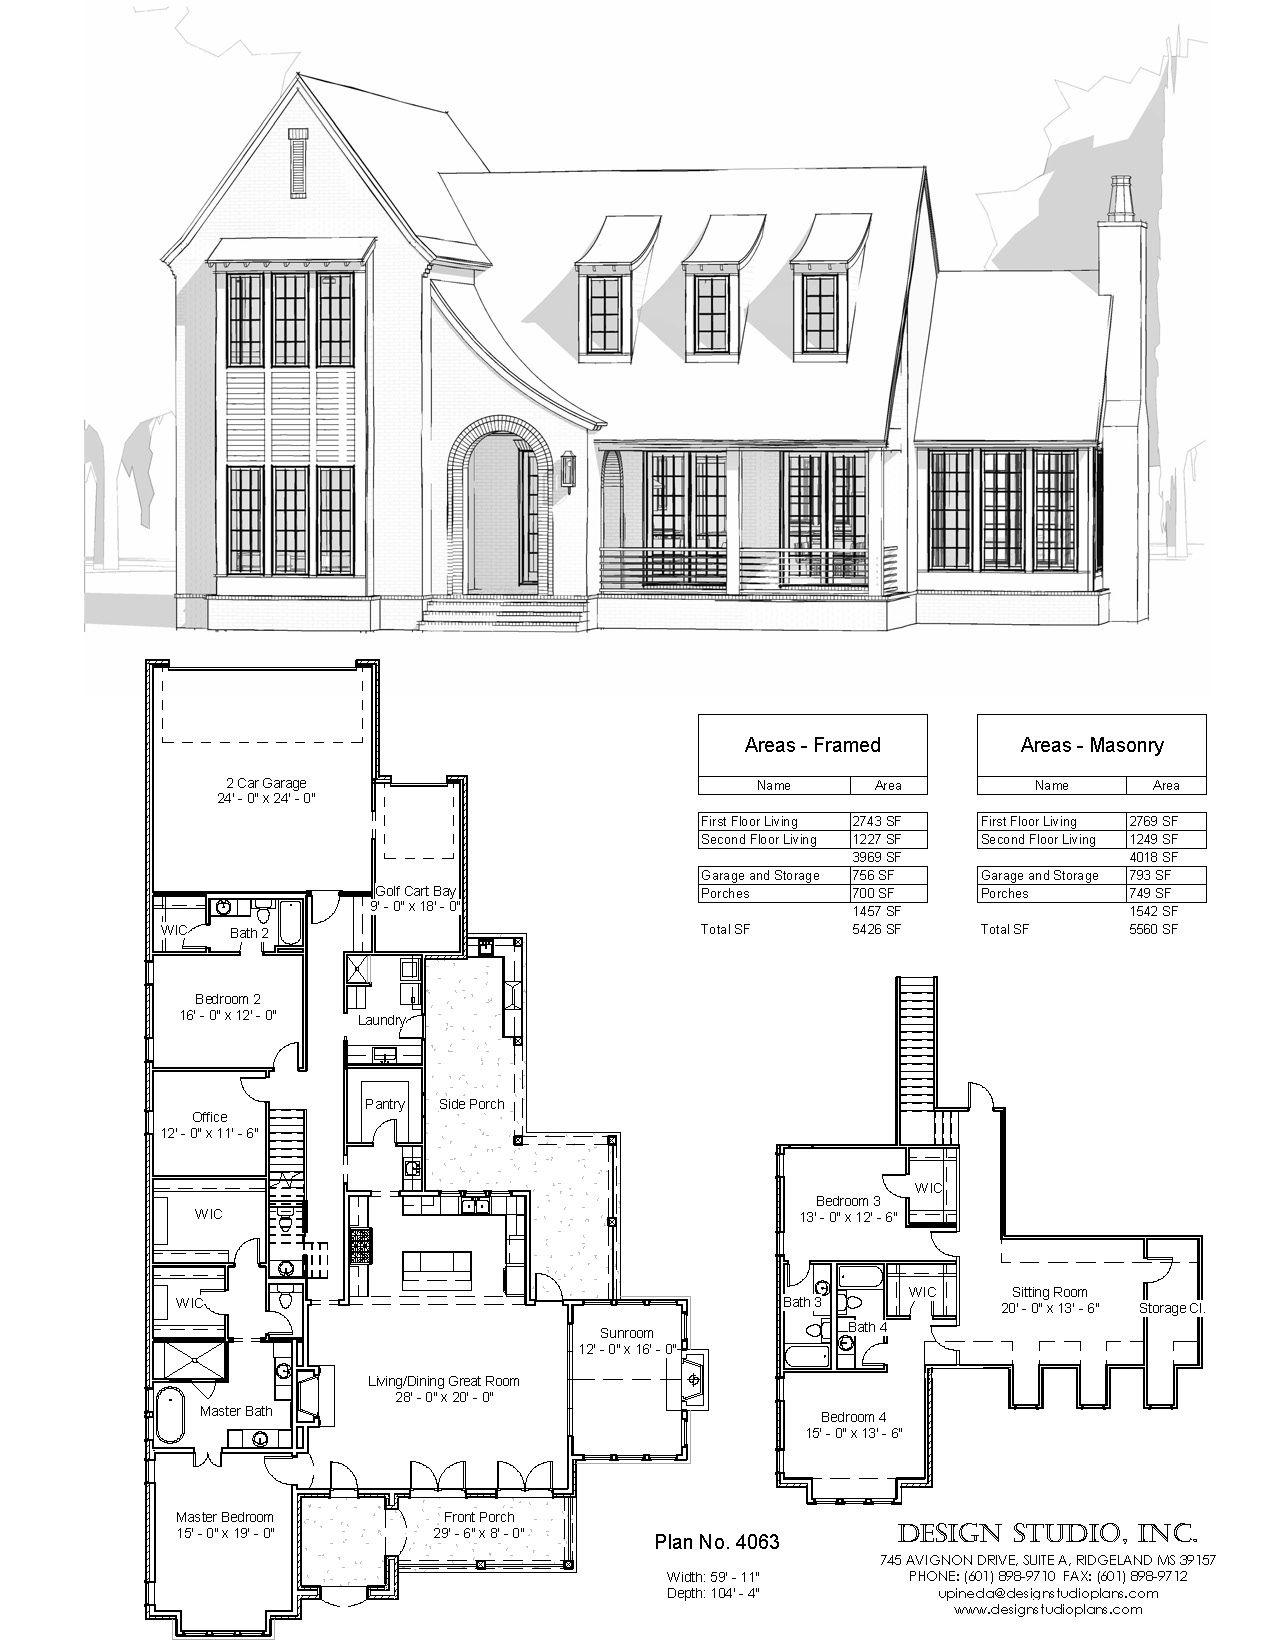 Plan 4063 Design Studio Family House Plans House Blueprints Dream House Plans